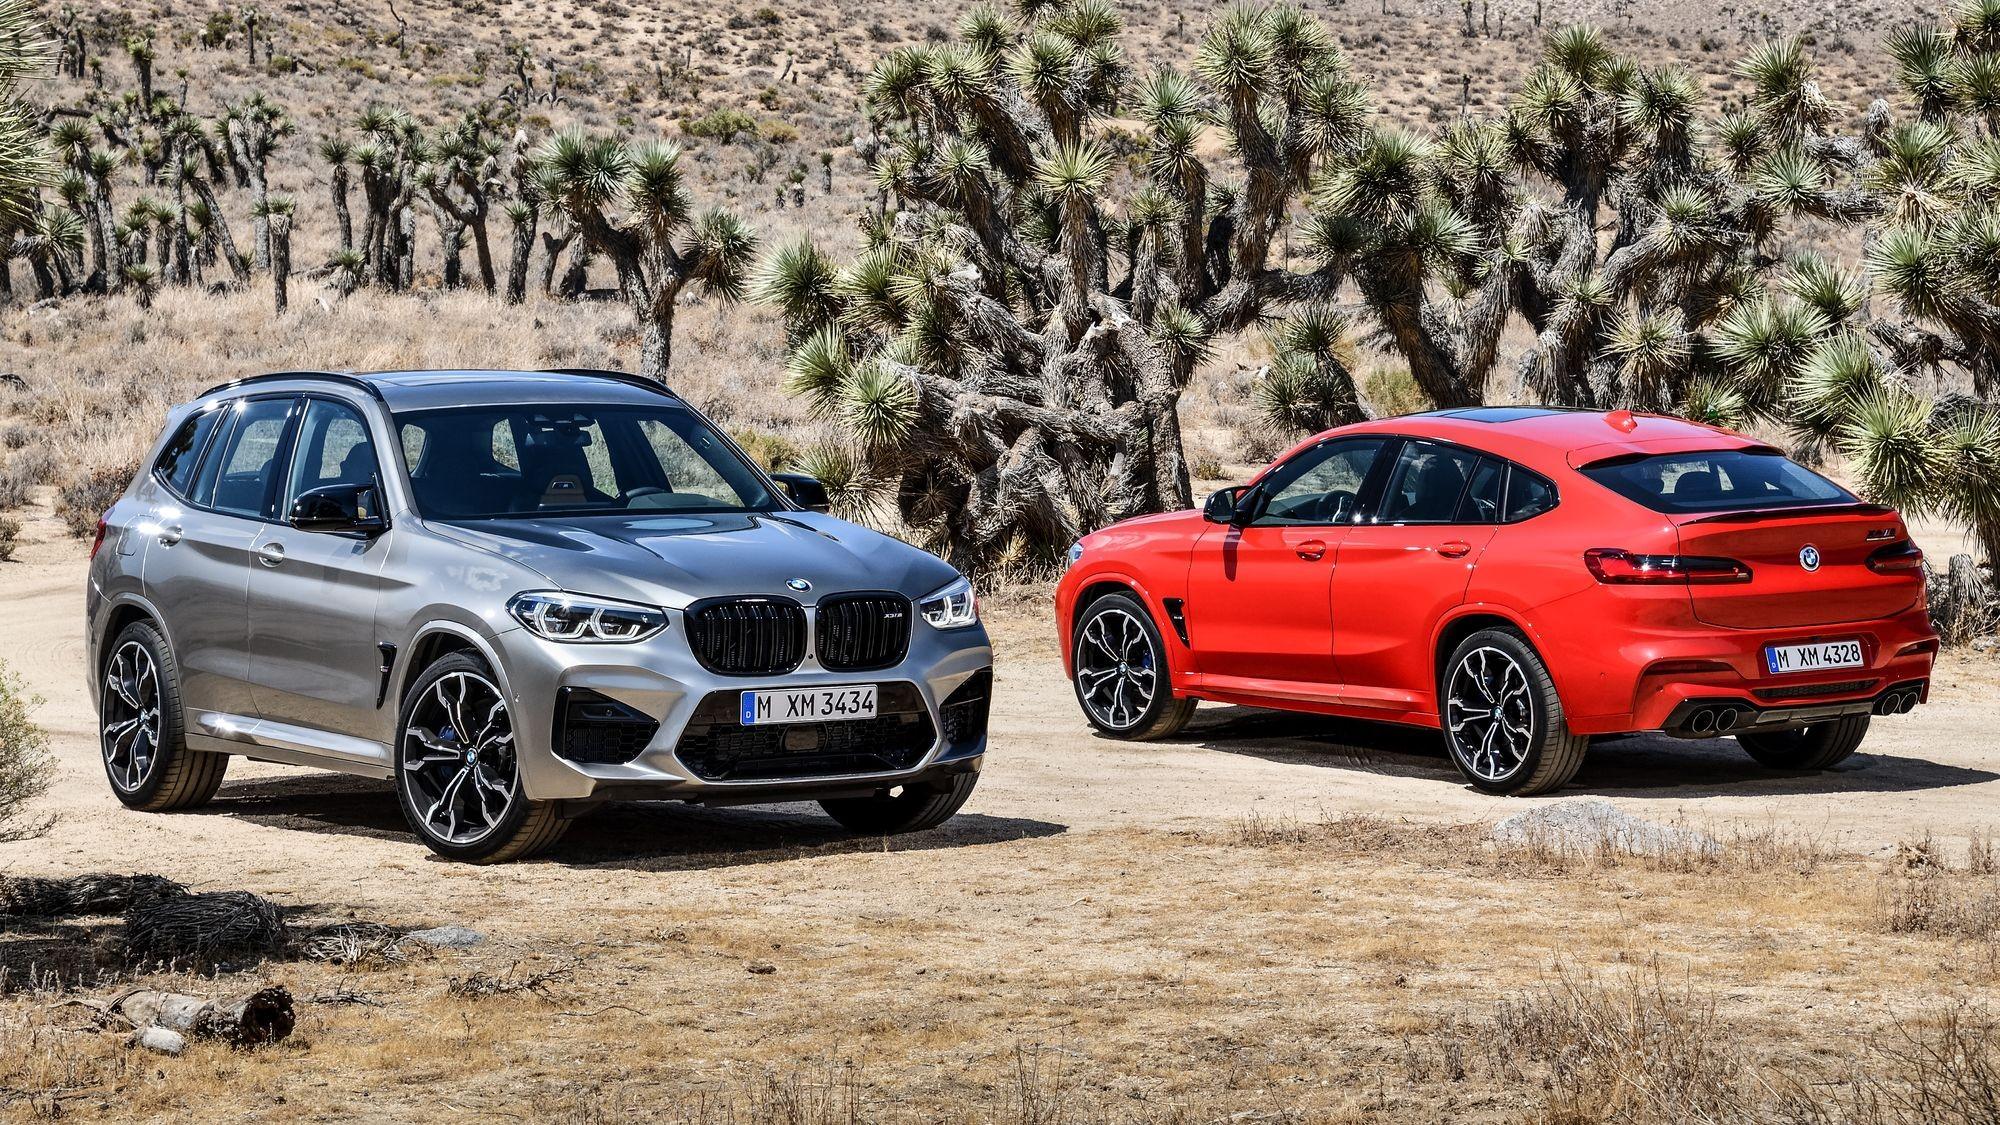 Ожог лица и травмы груди: BMW отзывает небезопасные машины в России